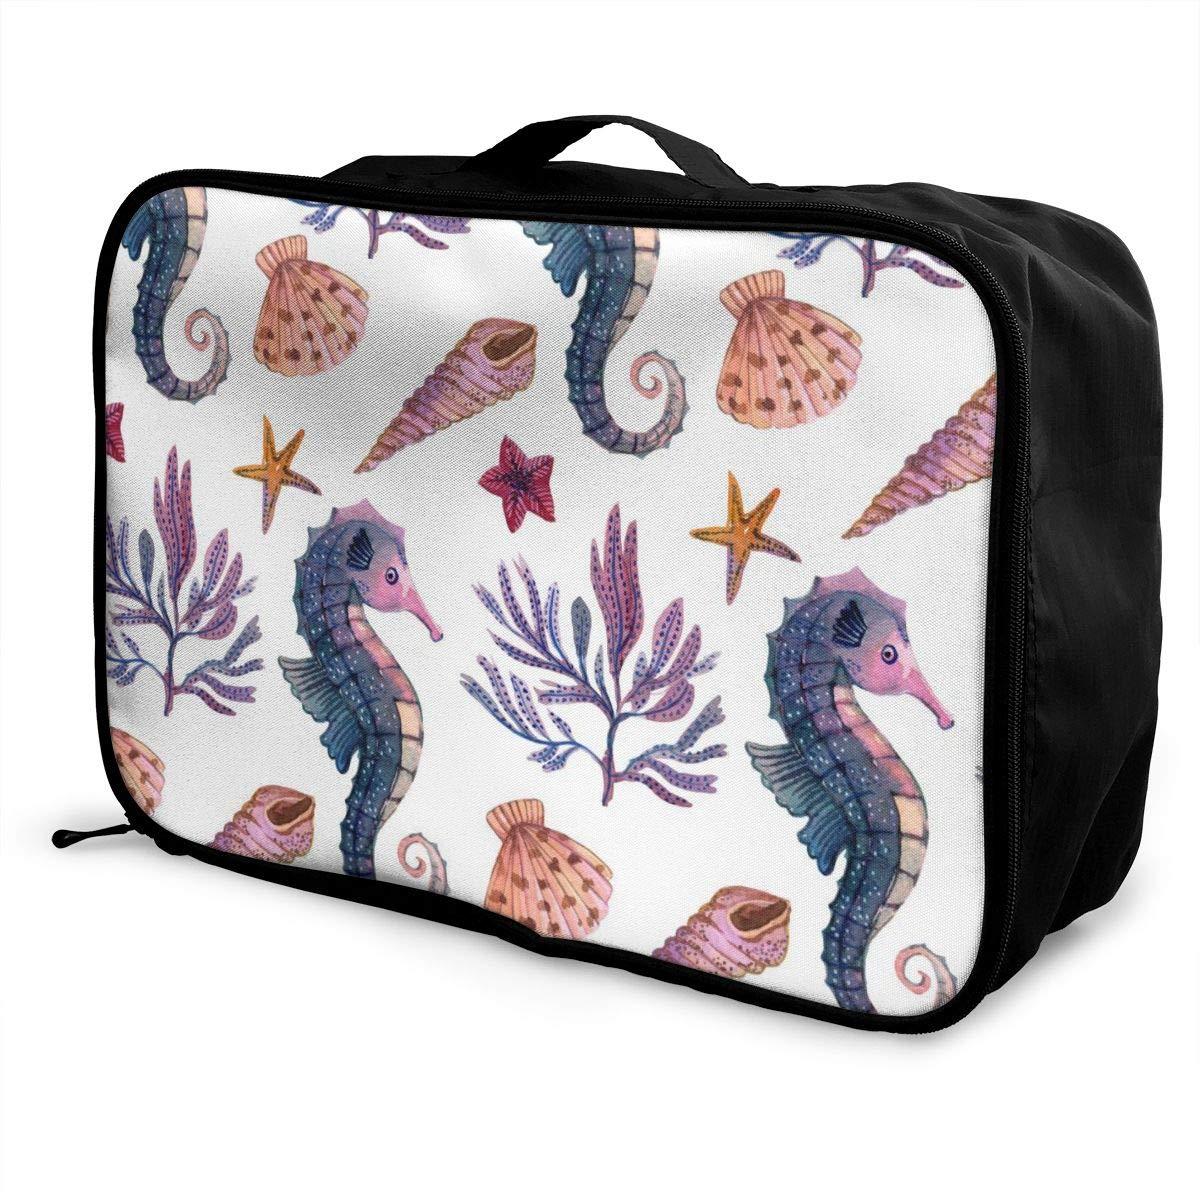 Starfish Shell Hippocampi Travel Luggage Storage Bag Duffel Bag Handle Makeup Bag Fashion Lightweight Large Capacity Portable Luggage Bag